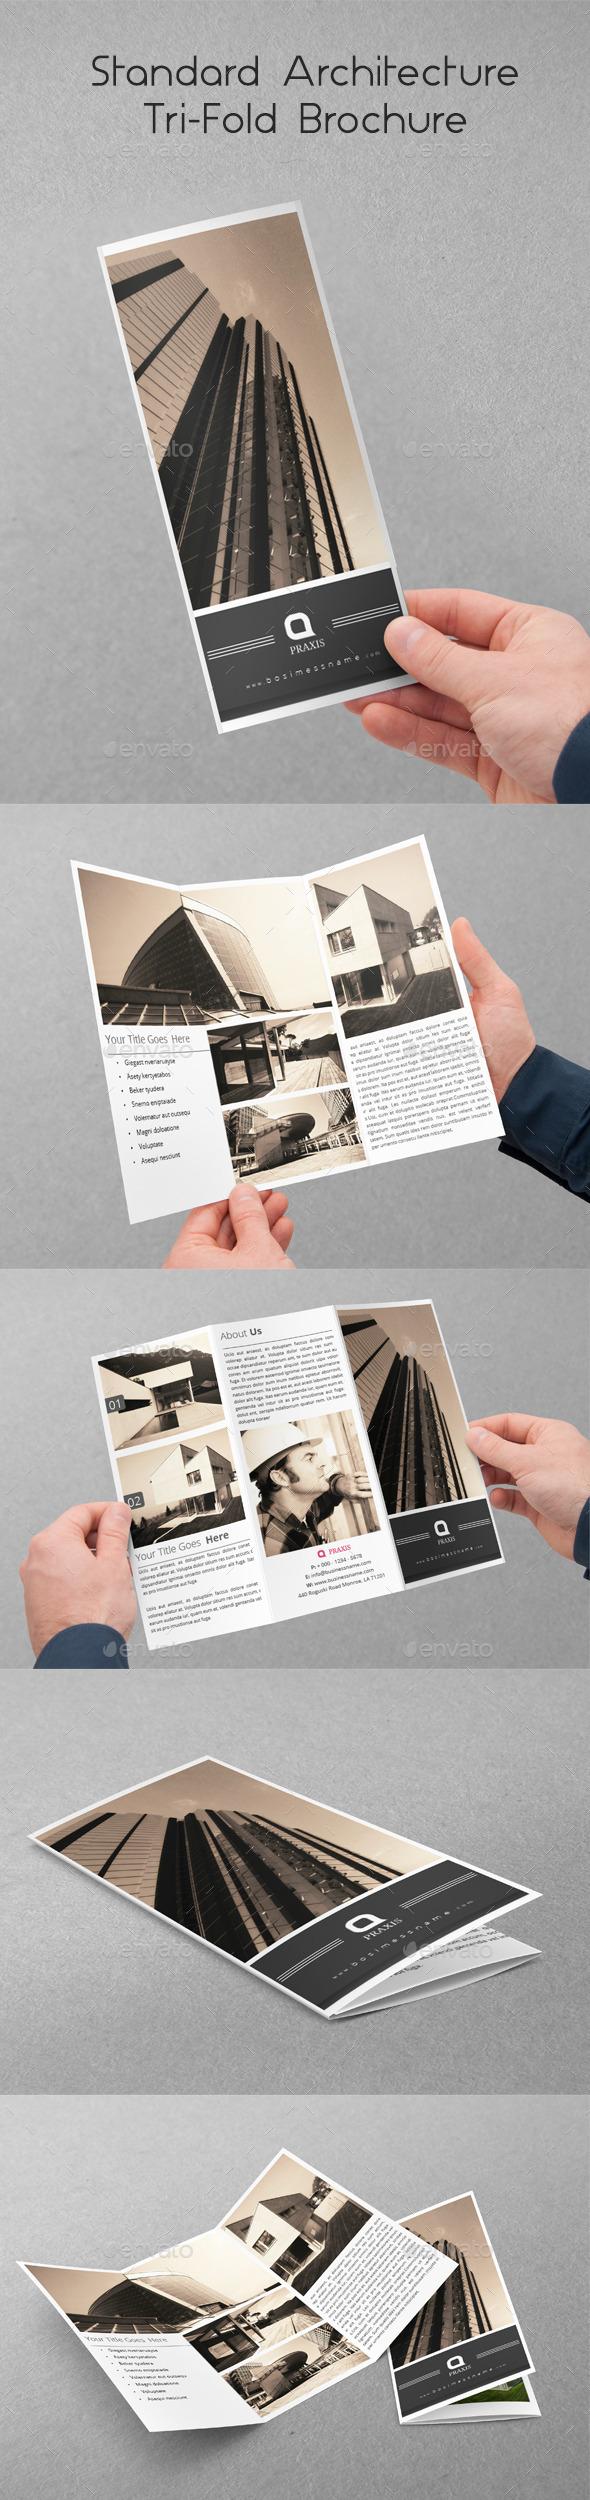 GraphicRiver Standard Architecture Tri-Fold Brochure 10350956